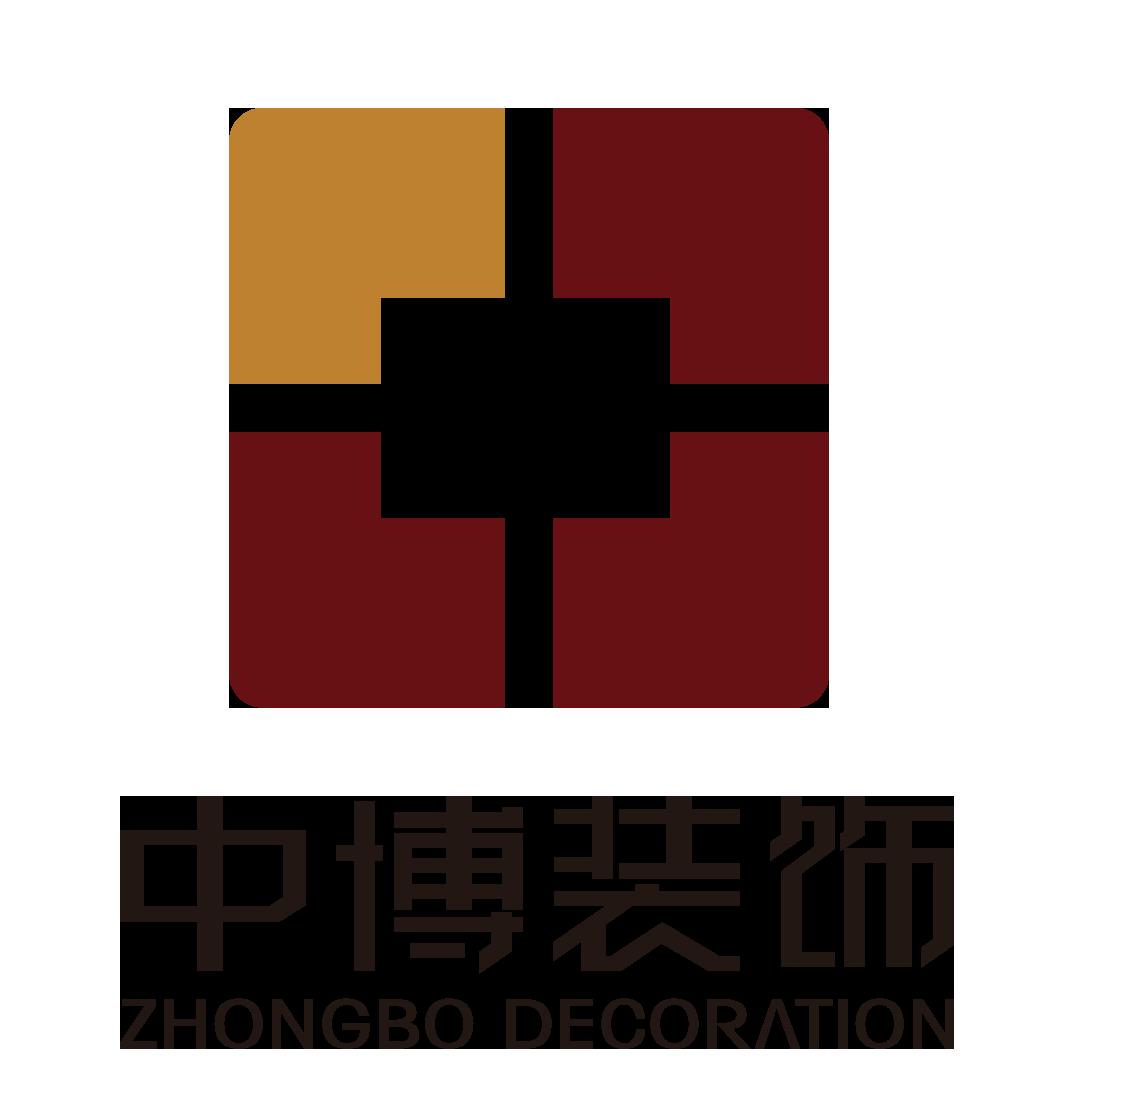 温州中博家源装饰工程有限公司瑞安分公司